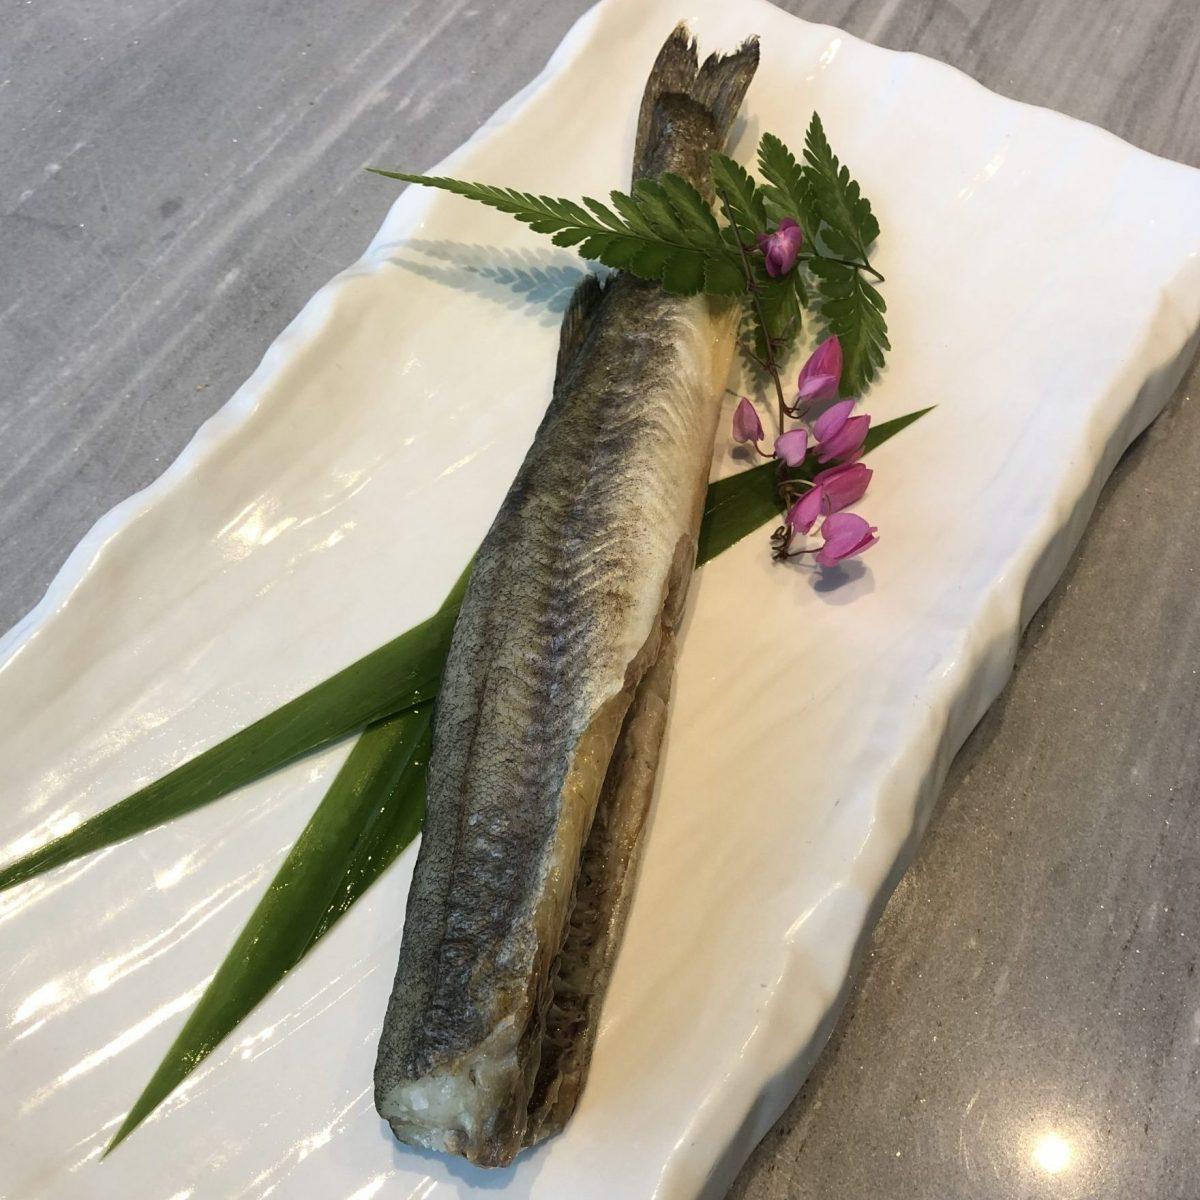 【Araya/あらや 】Dried Saffron Cod (Komai) 4pcs / 大きな氷下魚